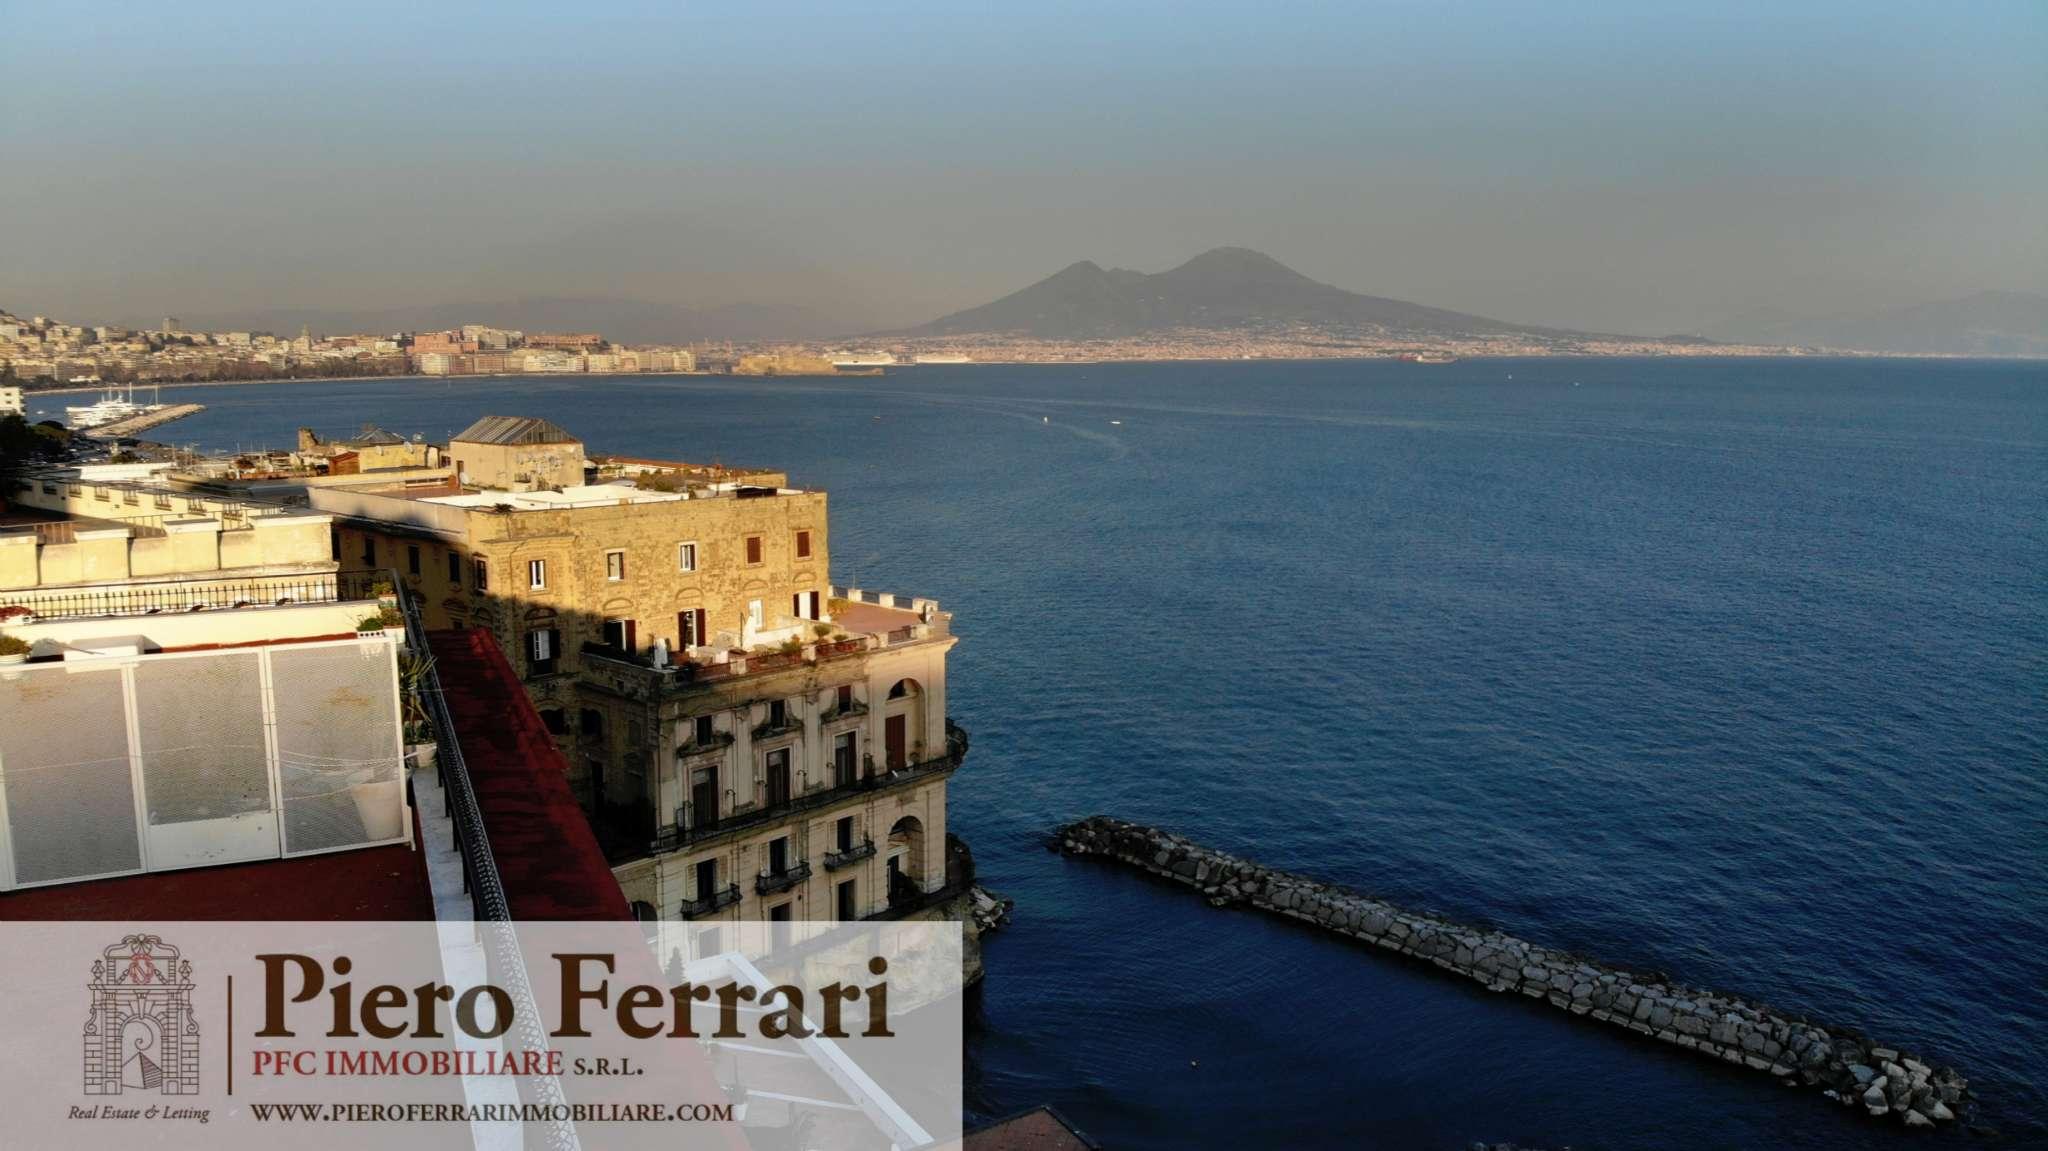 Attico / Mansarda in vendita a Napoli, 8 locali, zona Chiaia, Posillipo, San Ferdinando, prezzo € 1.280.000 | PortaleAgenzieImmobiliari.it